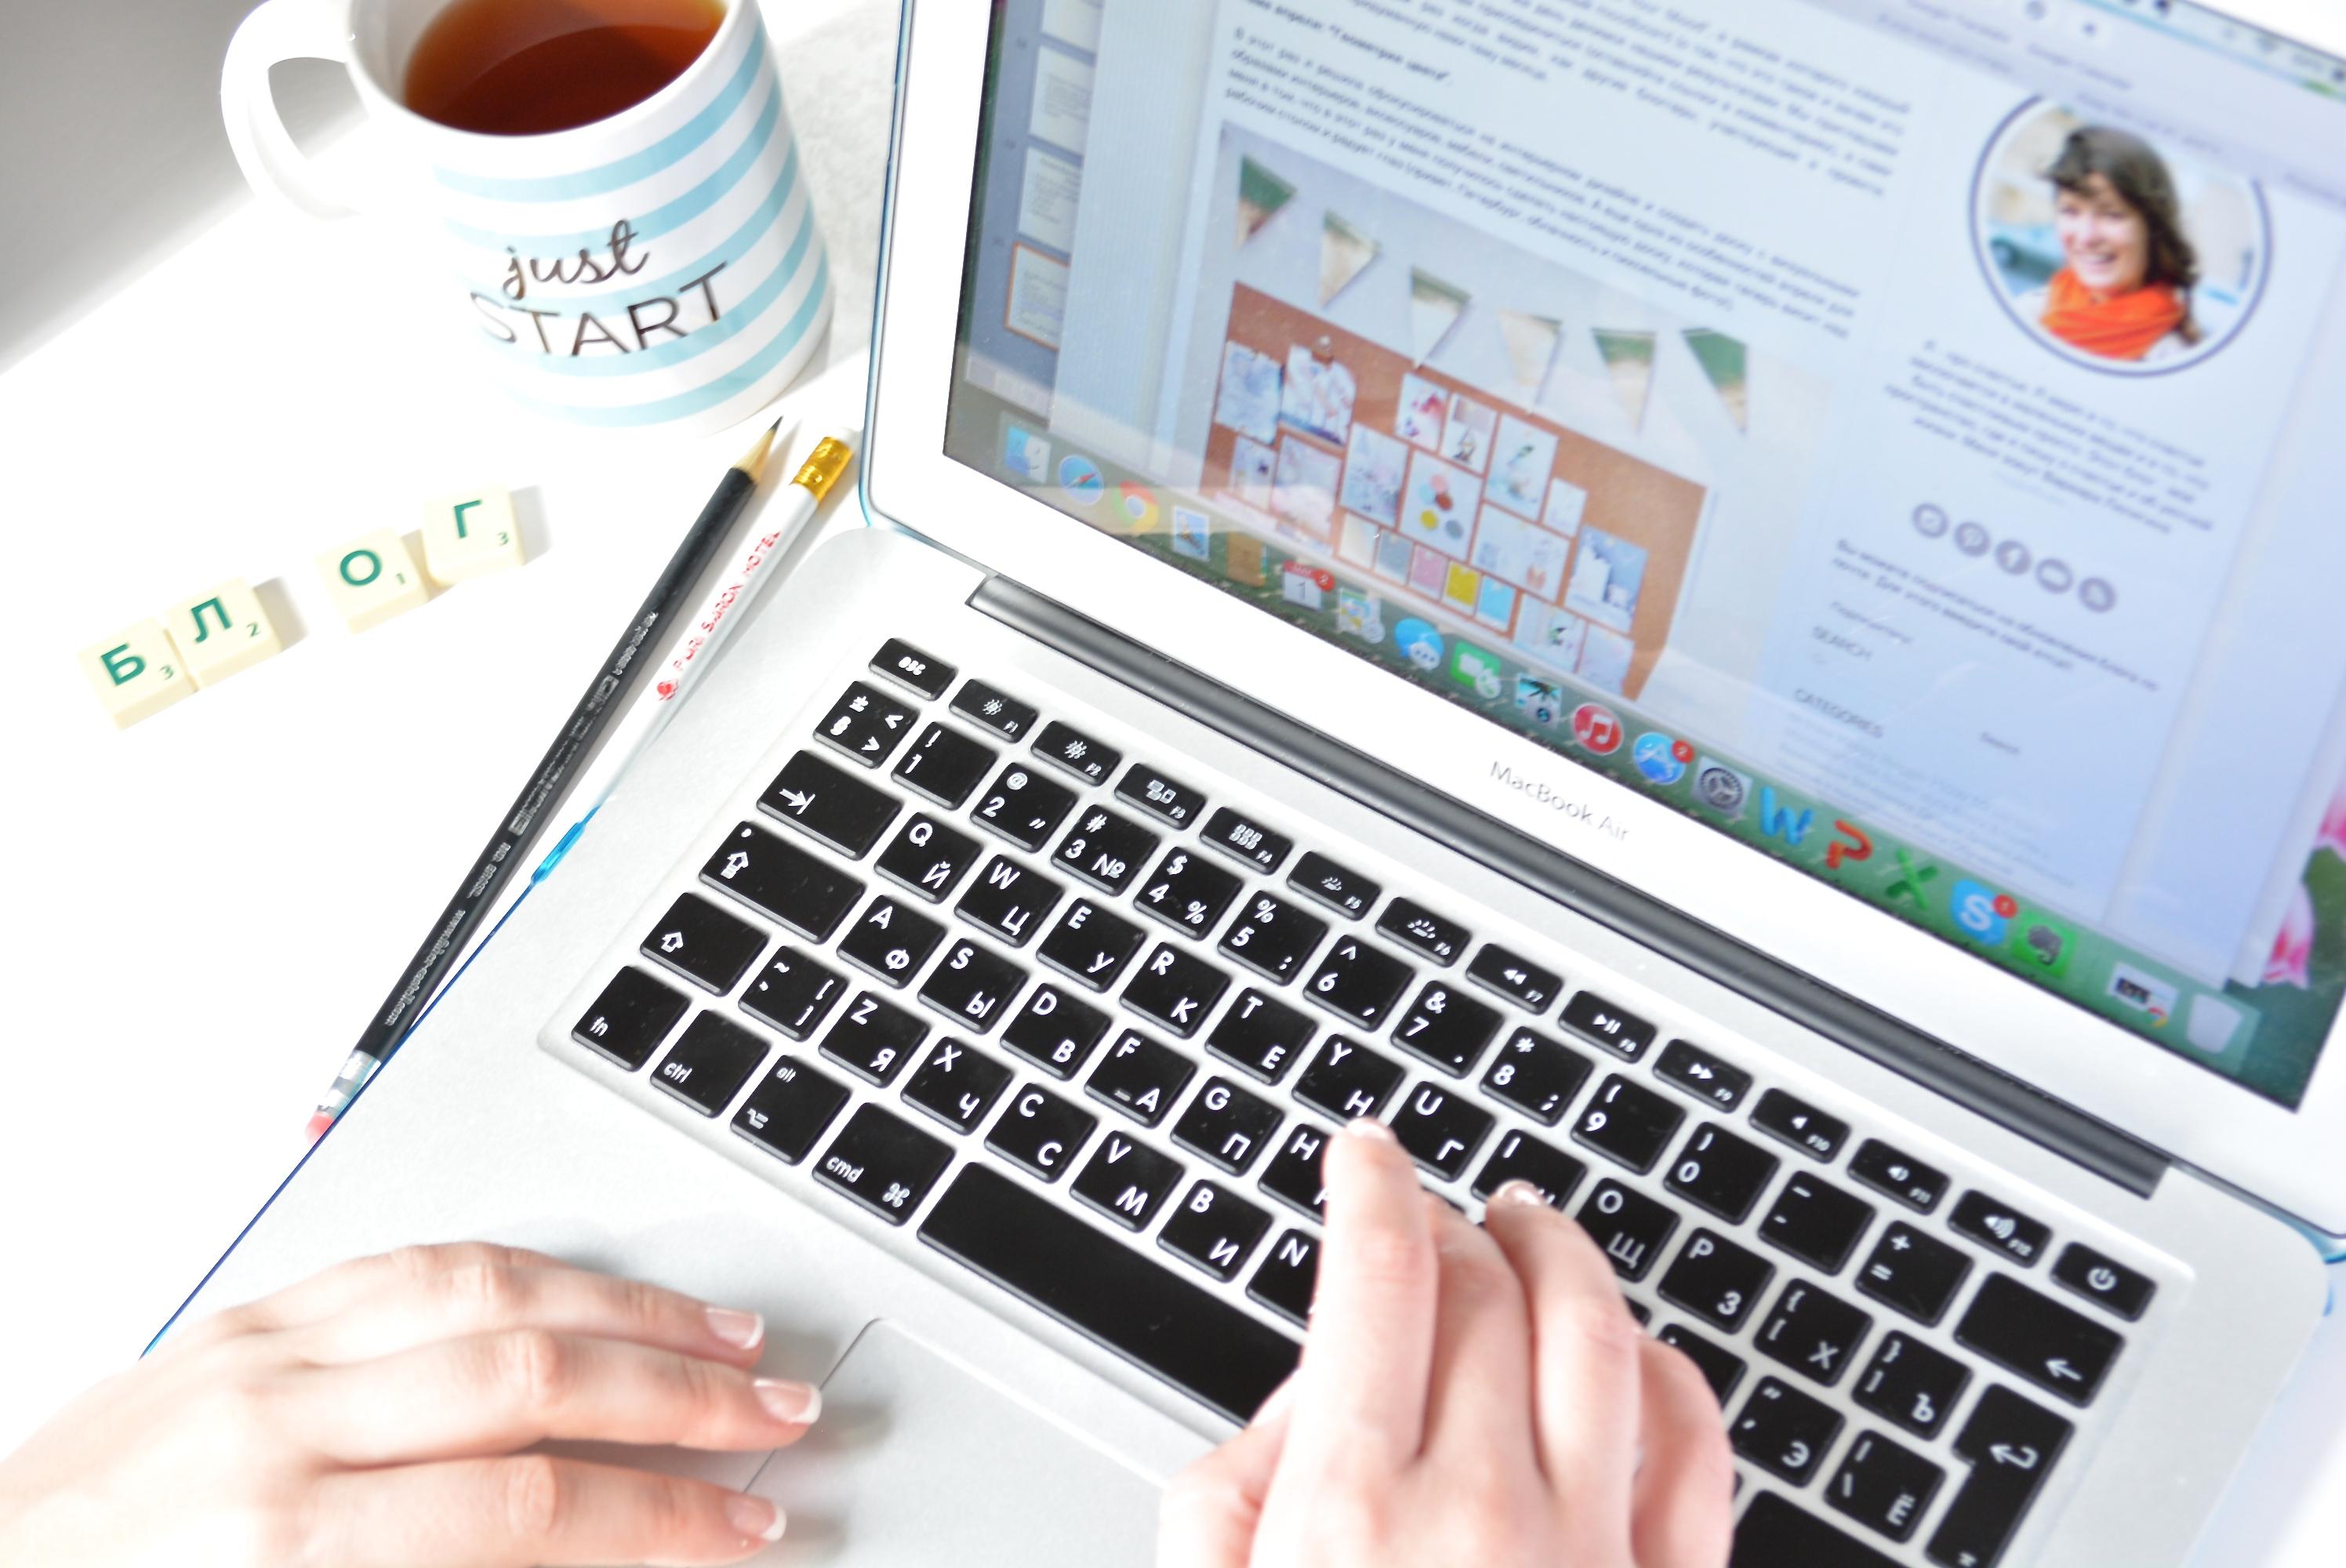 Как поднять трафик блога на 95%, потратив 15 минут в день — стратегия для ленивых